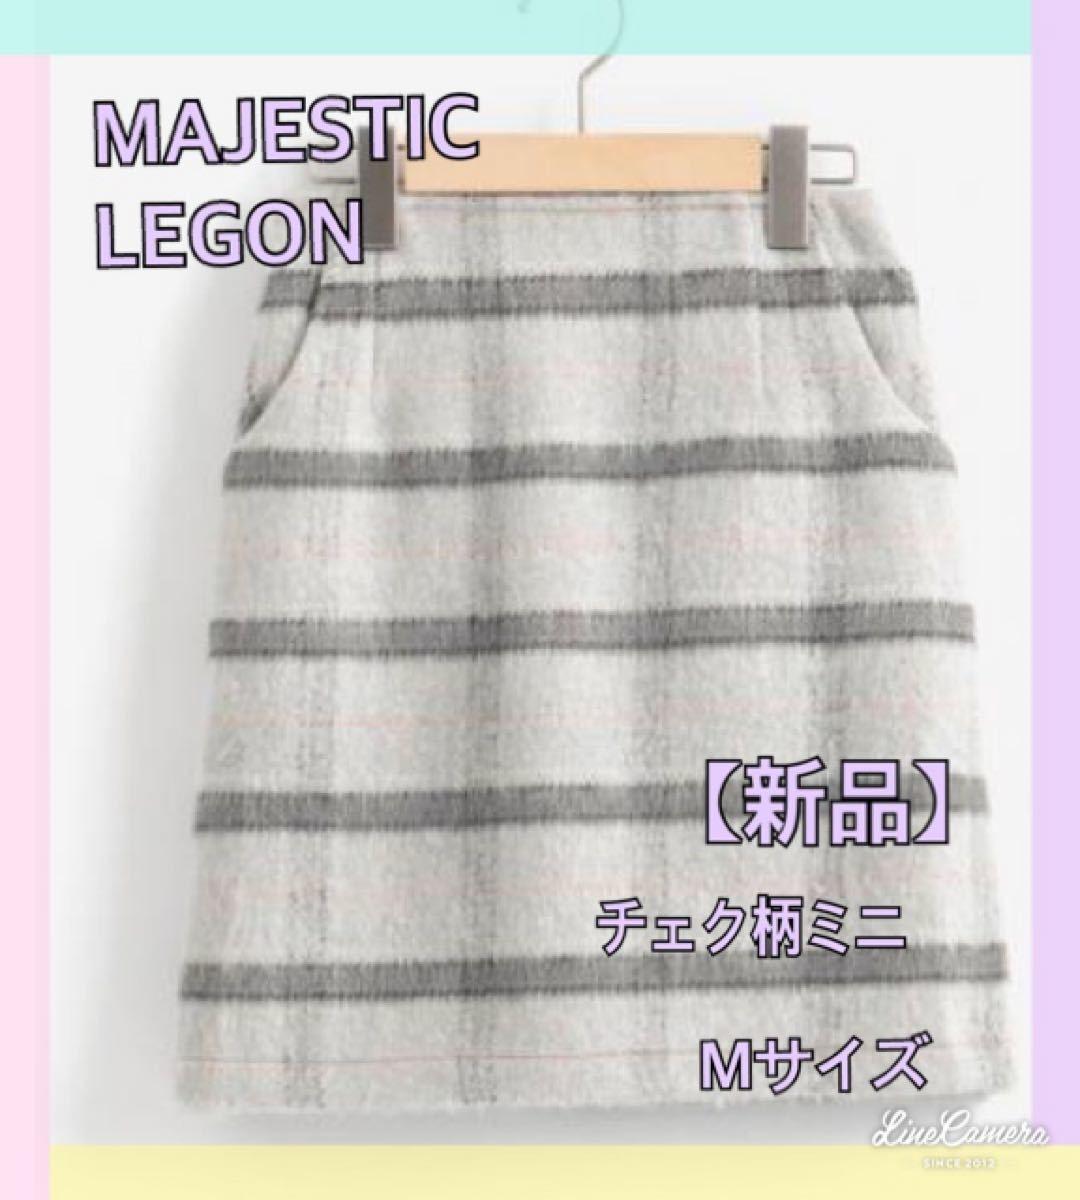 【新品】マジェスティックレゴン ふわふわチェク柄ミニスカート♪